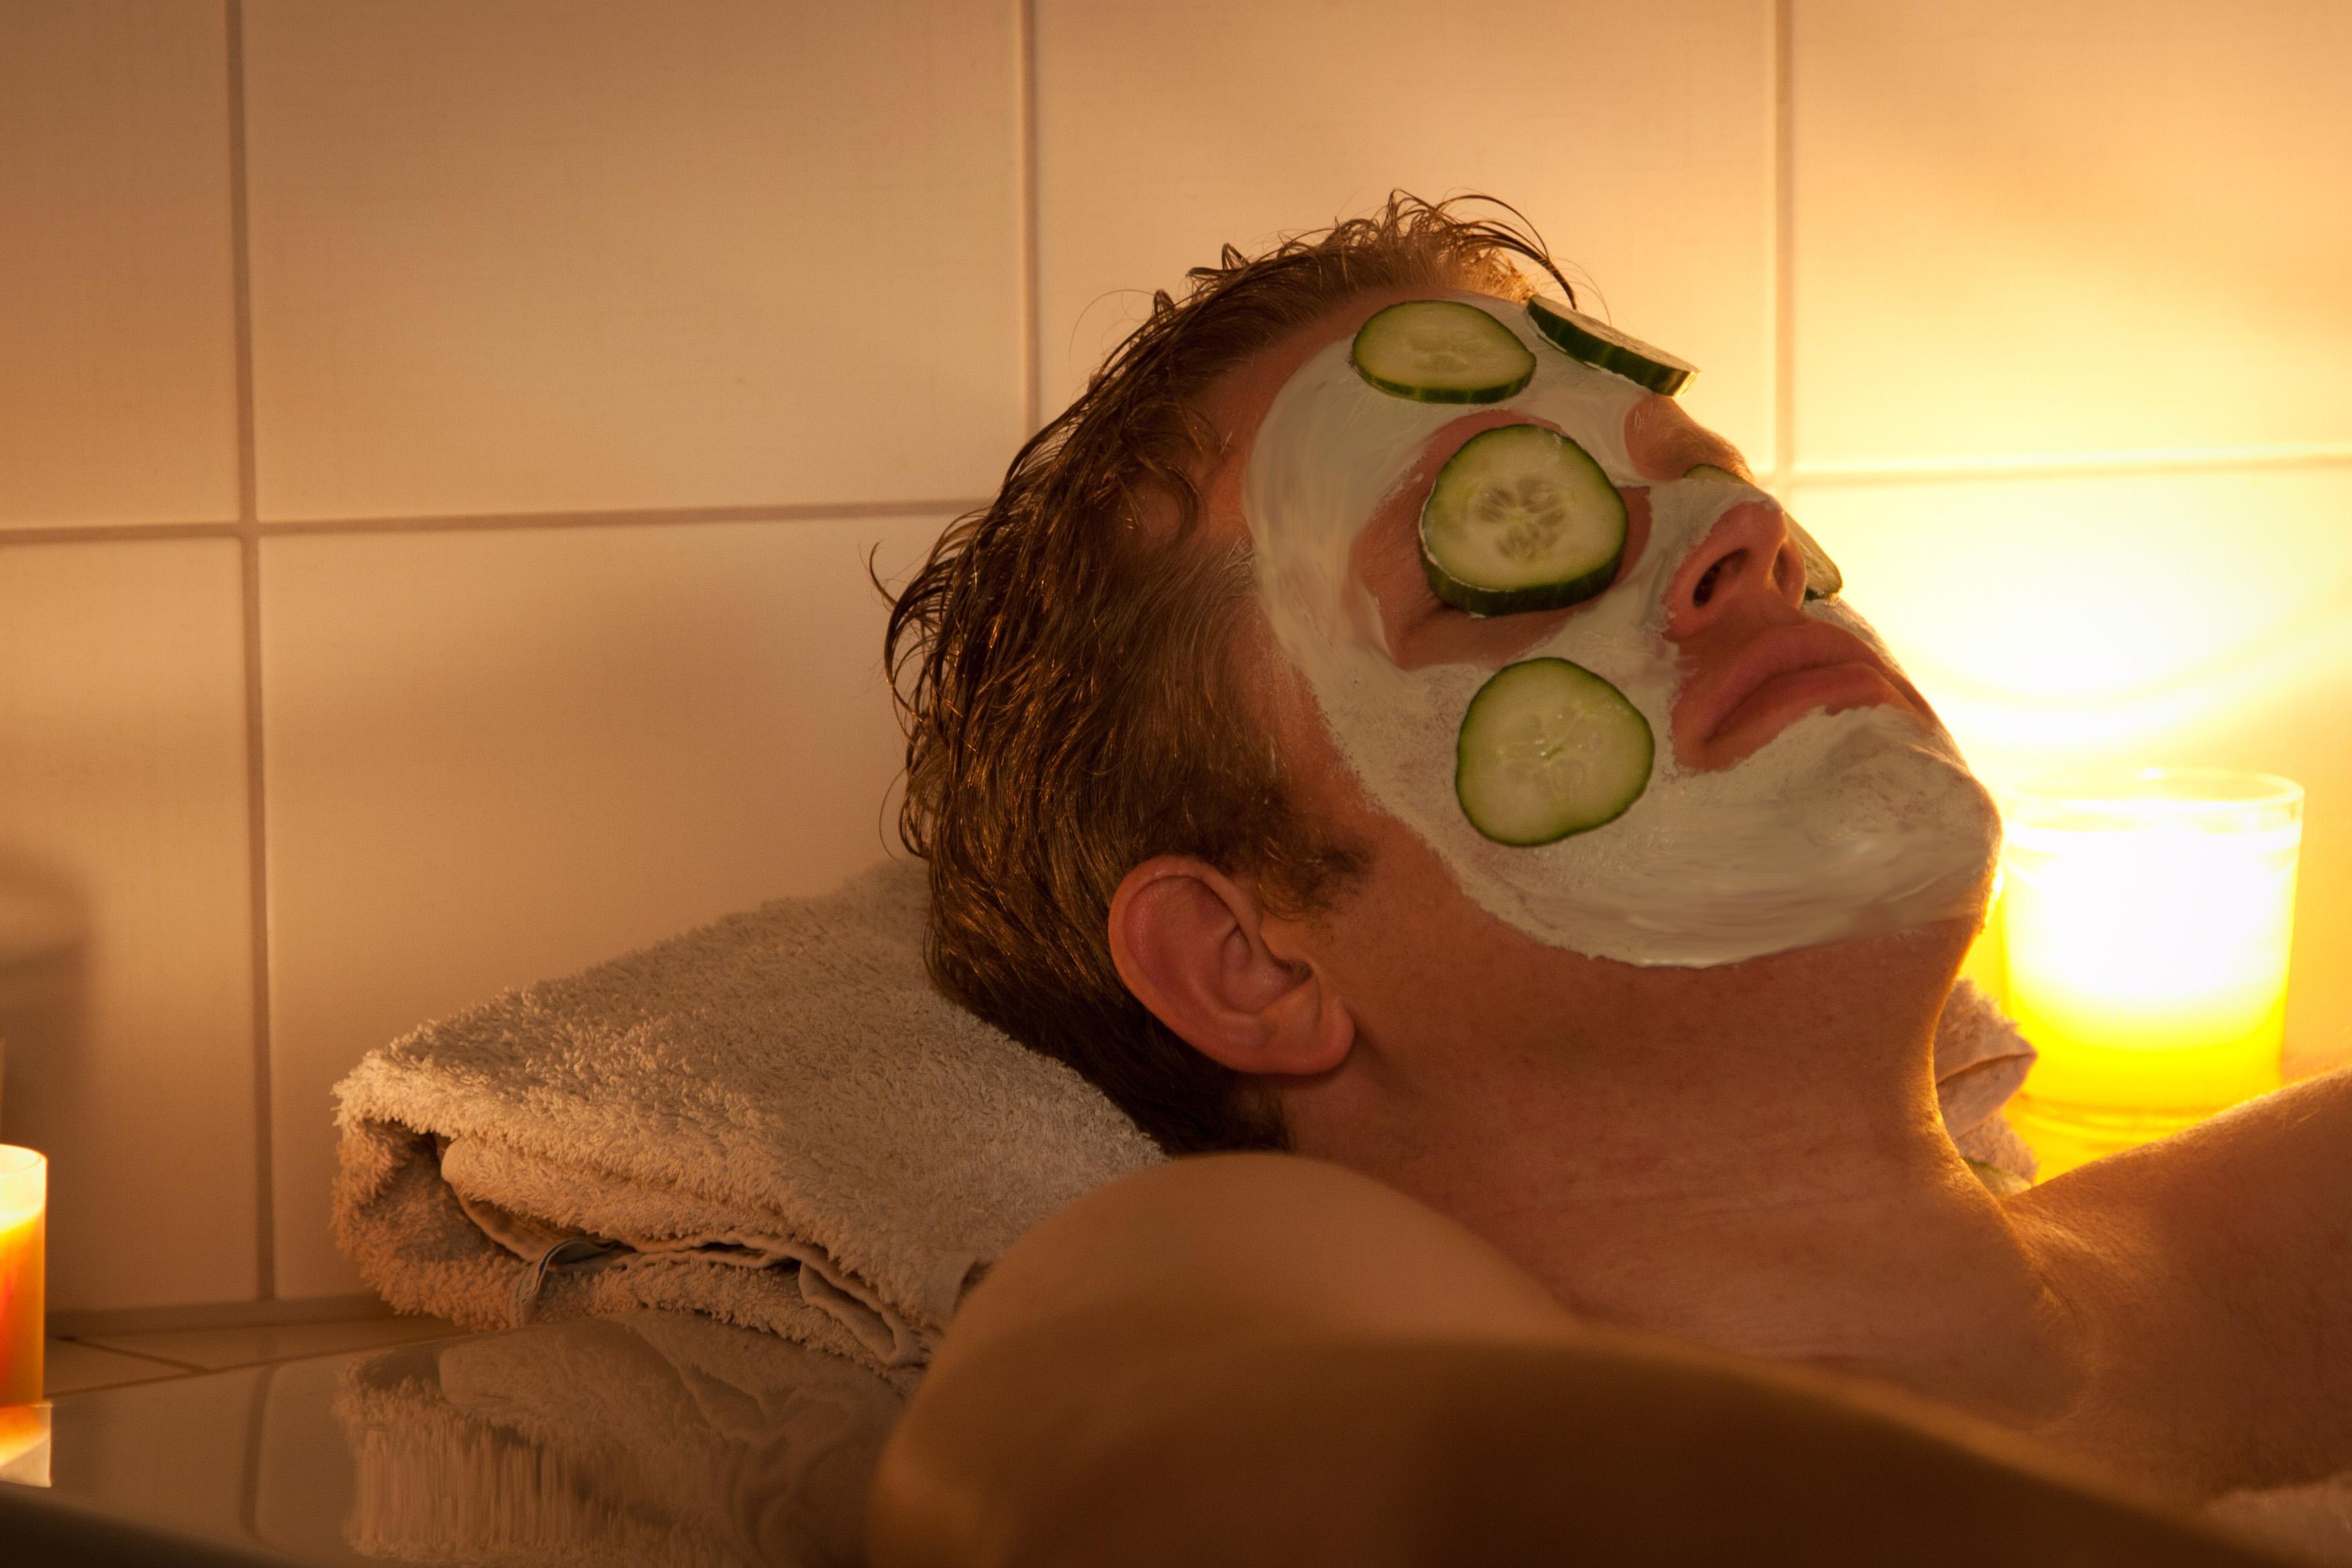 Winterwellness in der Badewanne genießen +++ Wellness im Winter